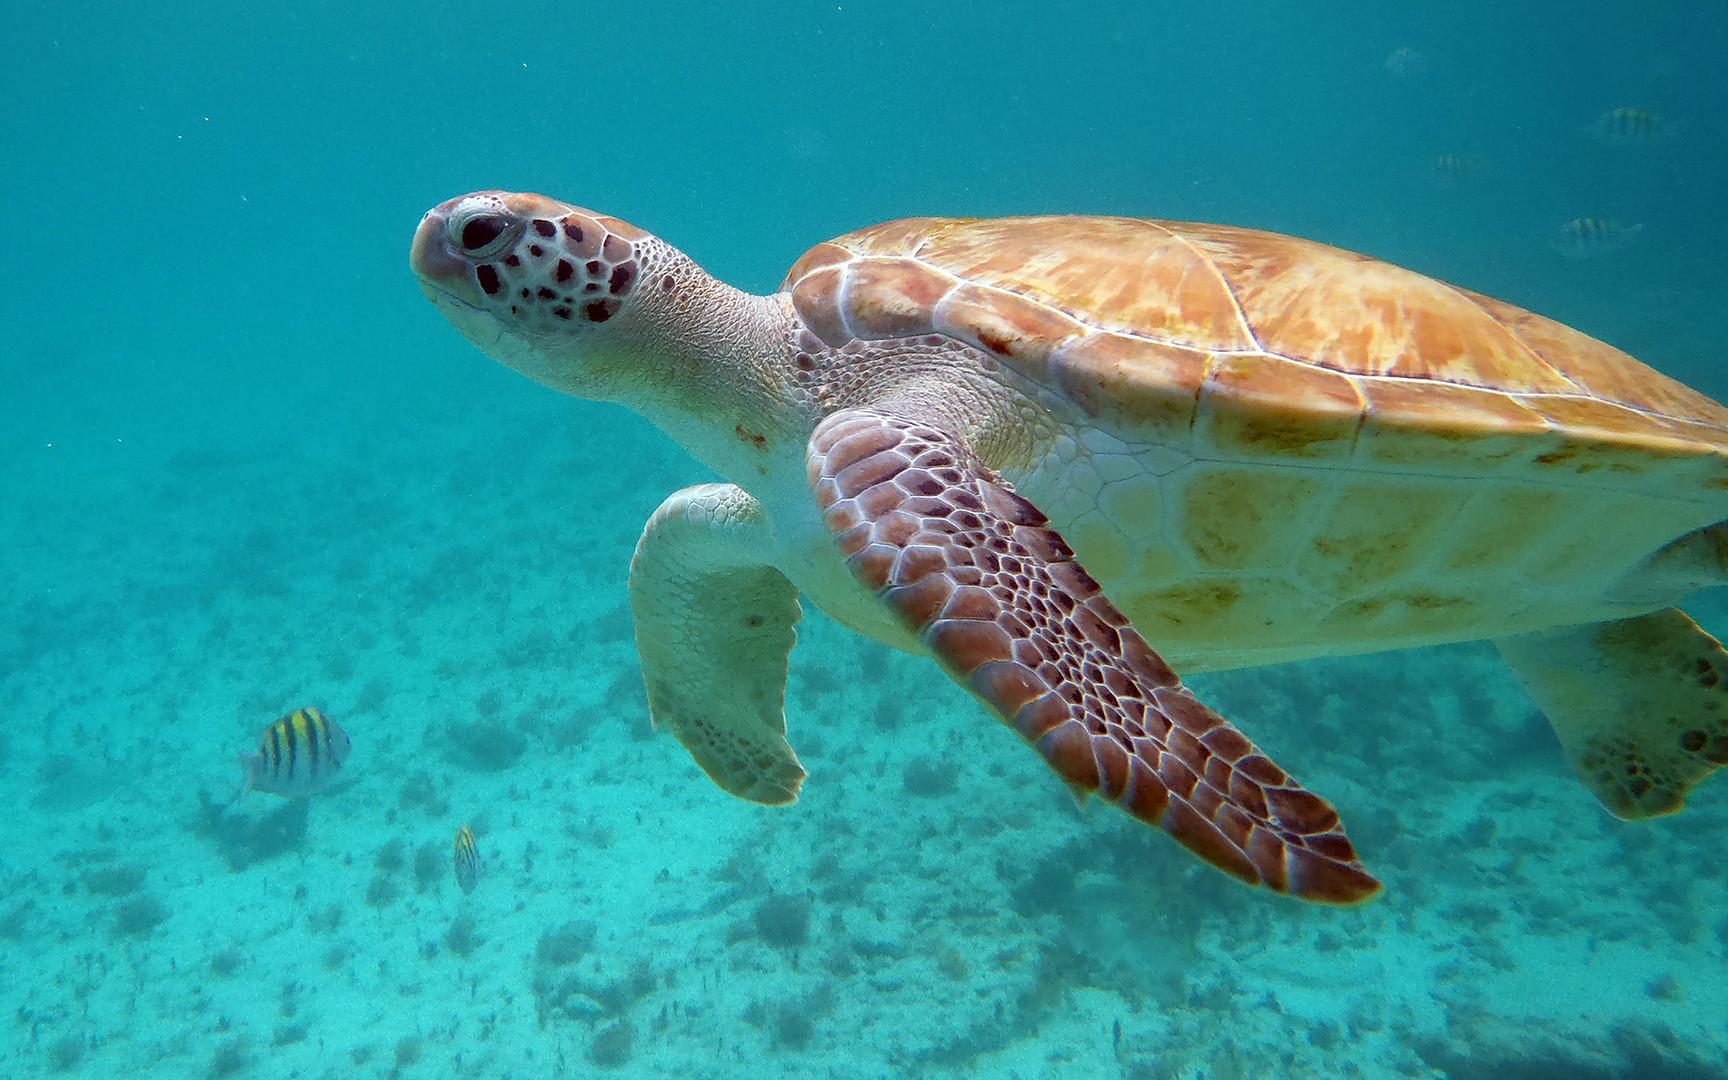 Die Kröte under water